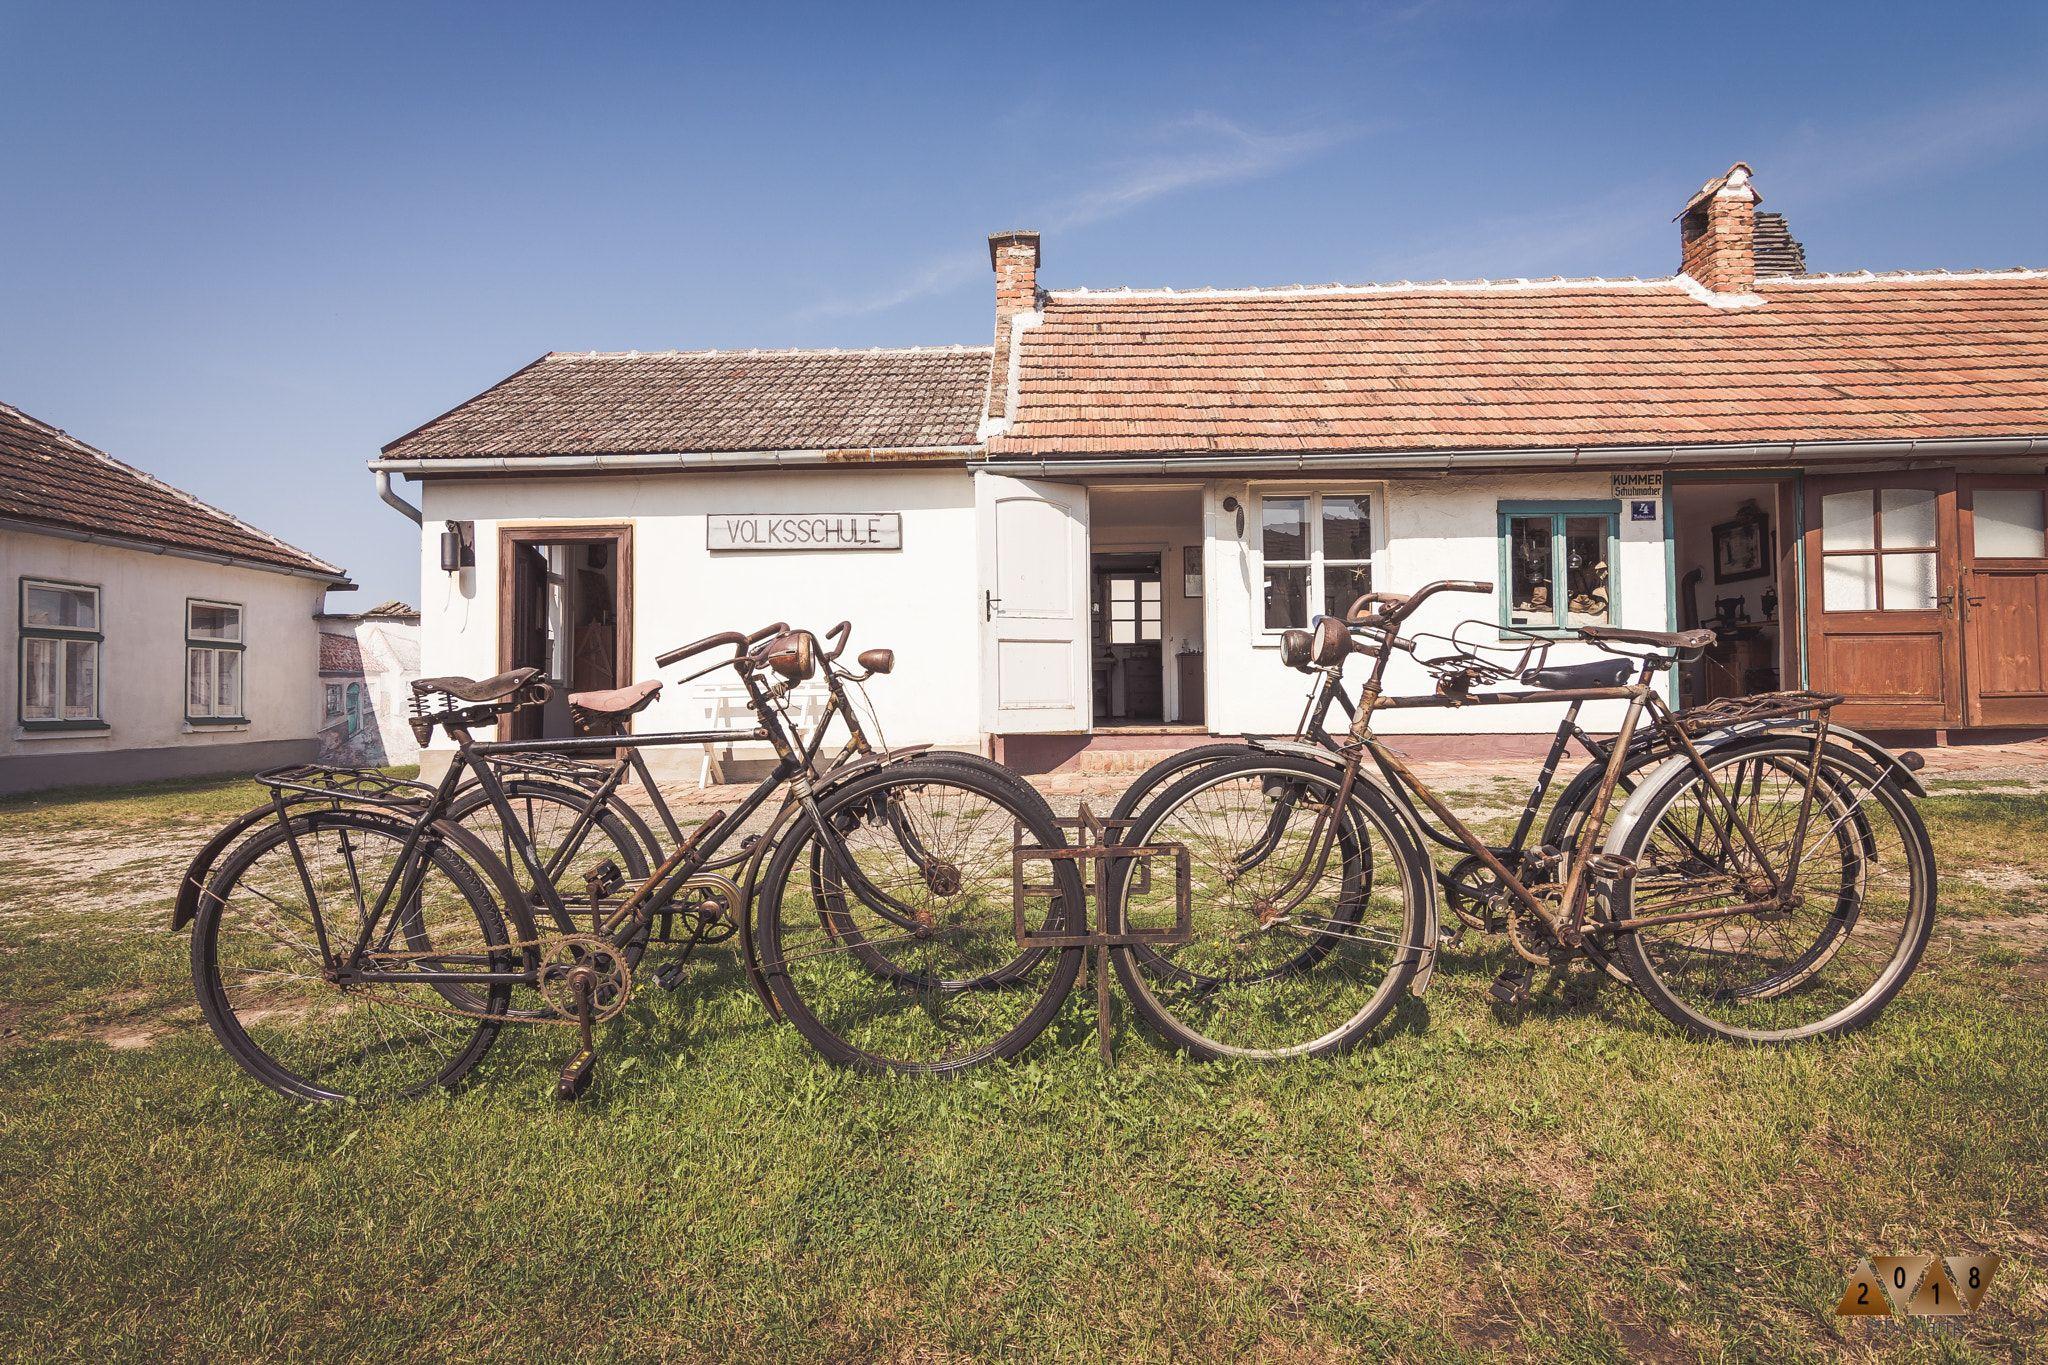 Auf M Oidn Radl Alte Fahrrader Im Museumsdorf Monchhof Radeln Altes Fahrrad Dorf